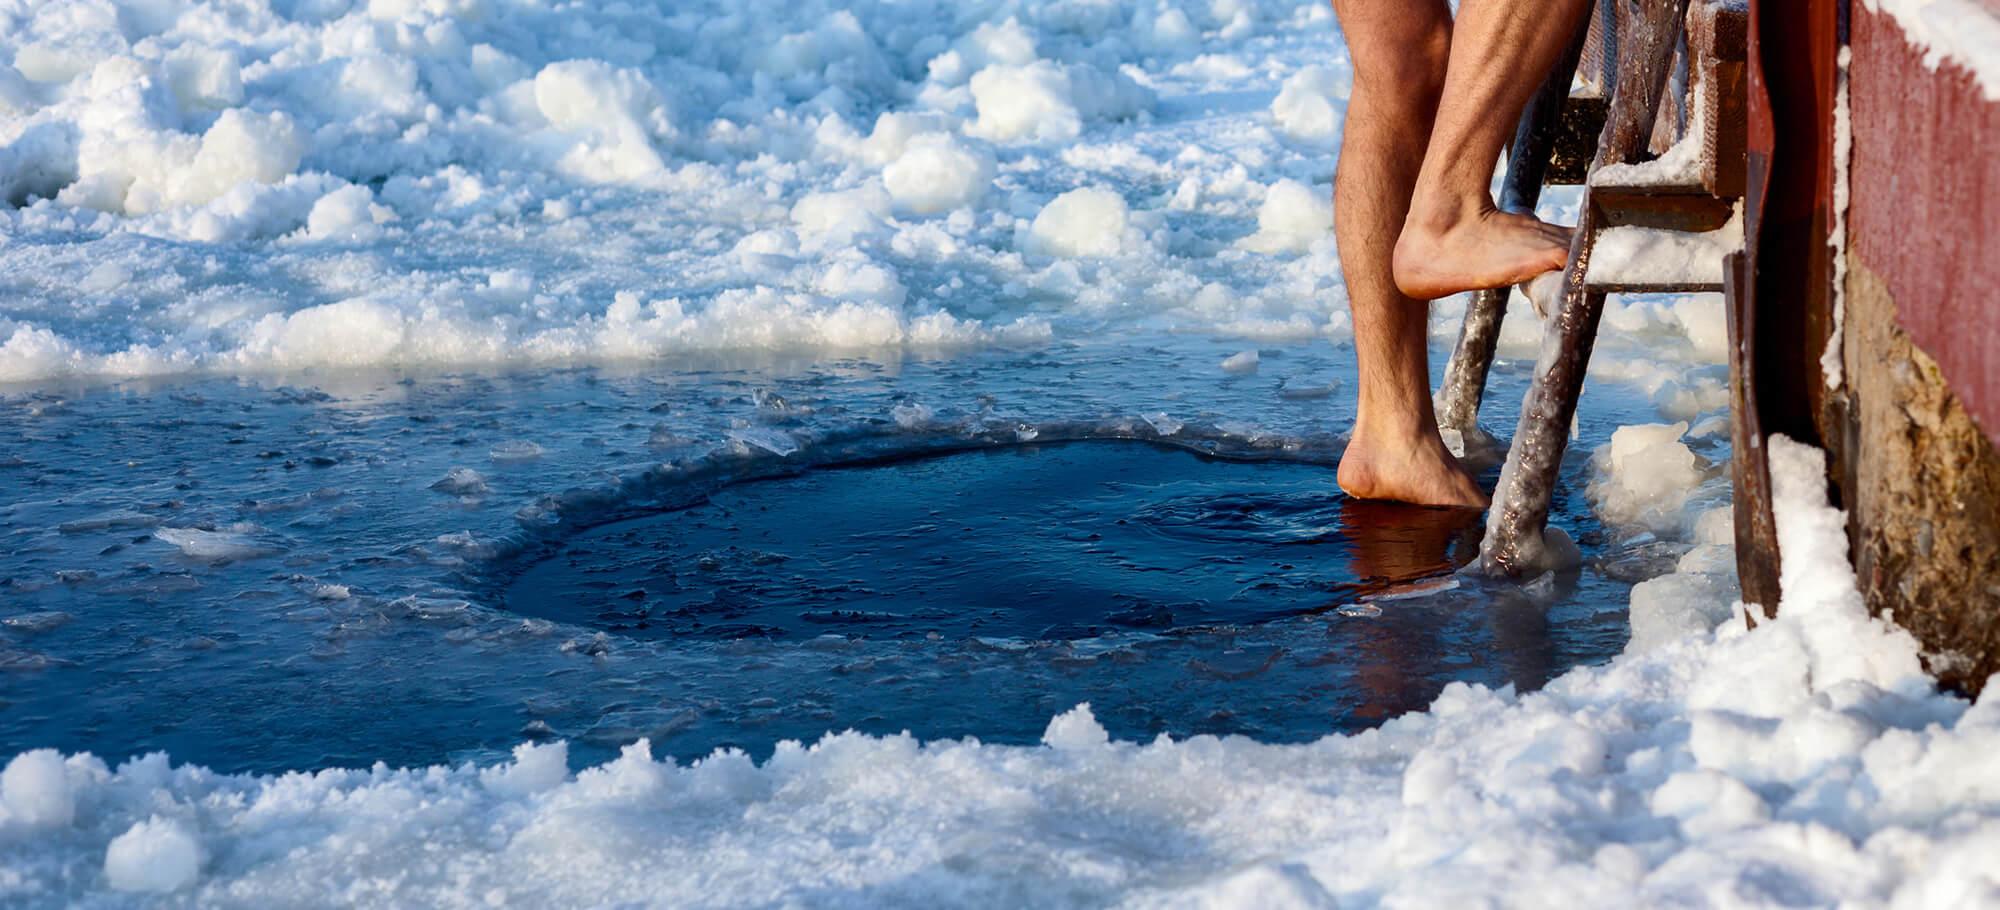 Mann steigt beim Eisbaden in zugefrorenen See